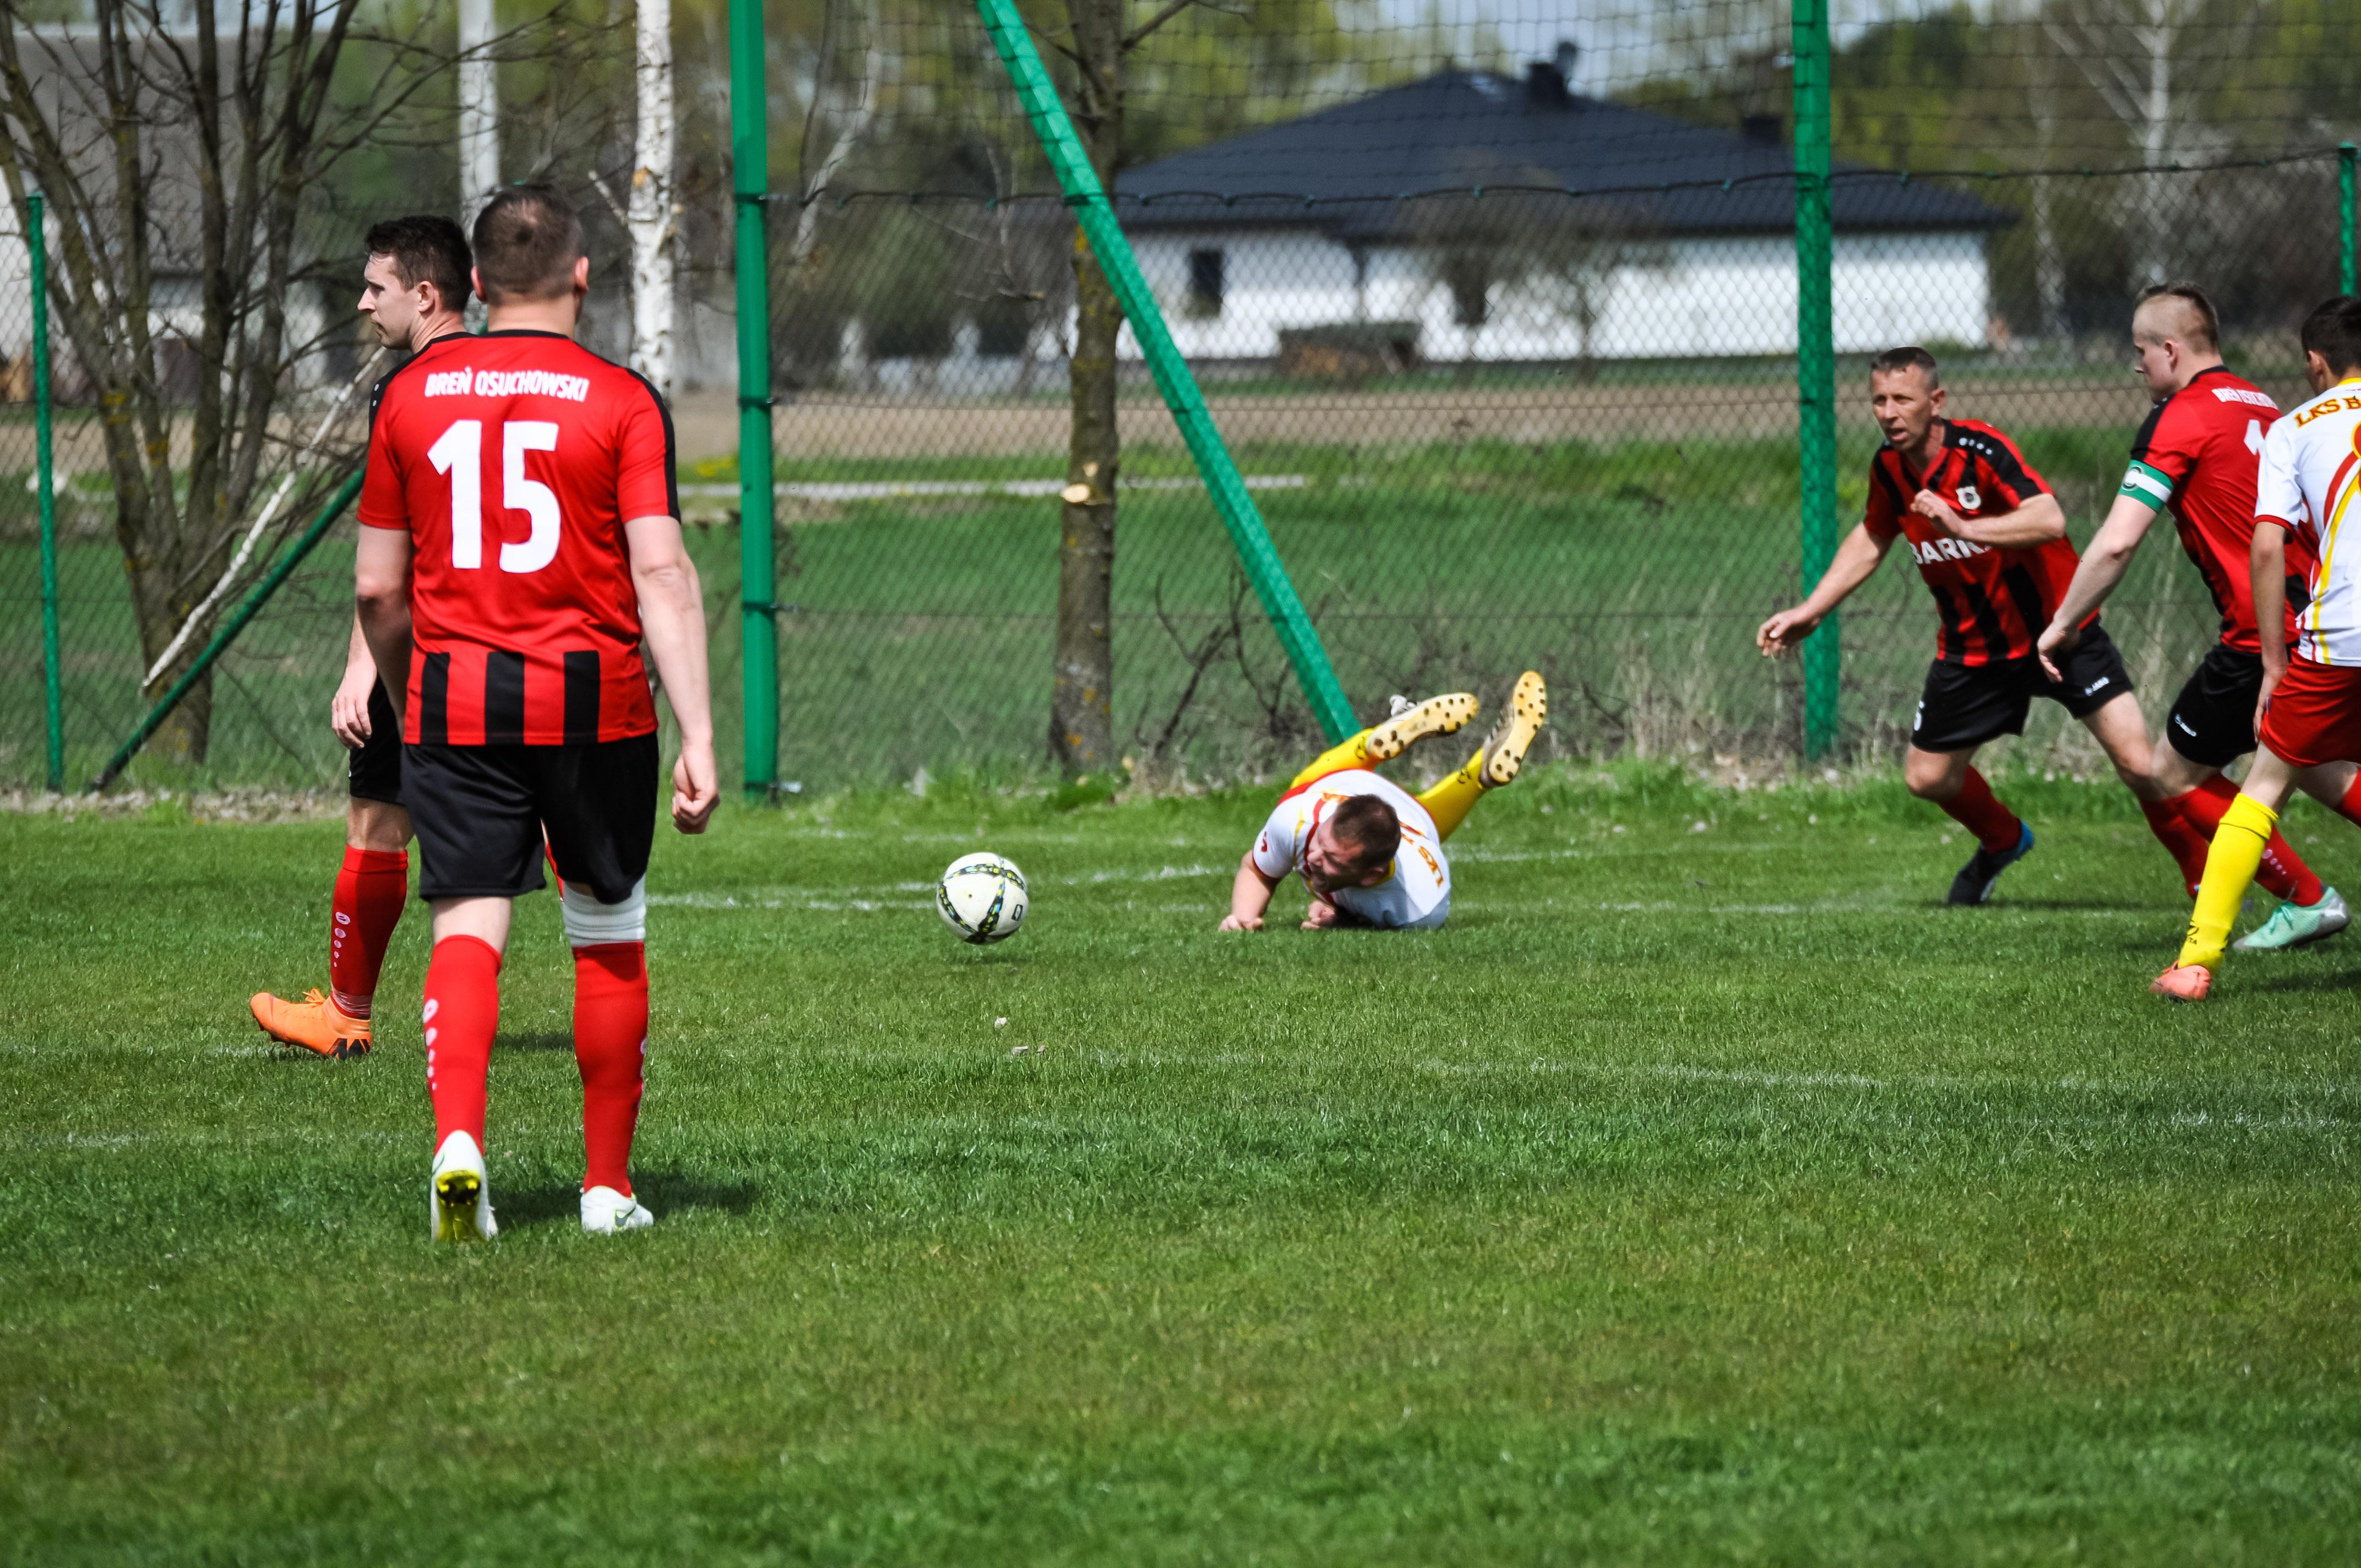 Piłkarska A klasa - [WYNIKI] - Zdjęcie główne